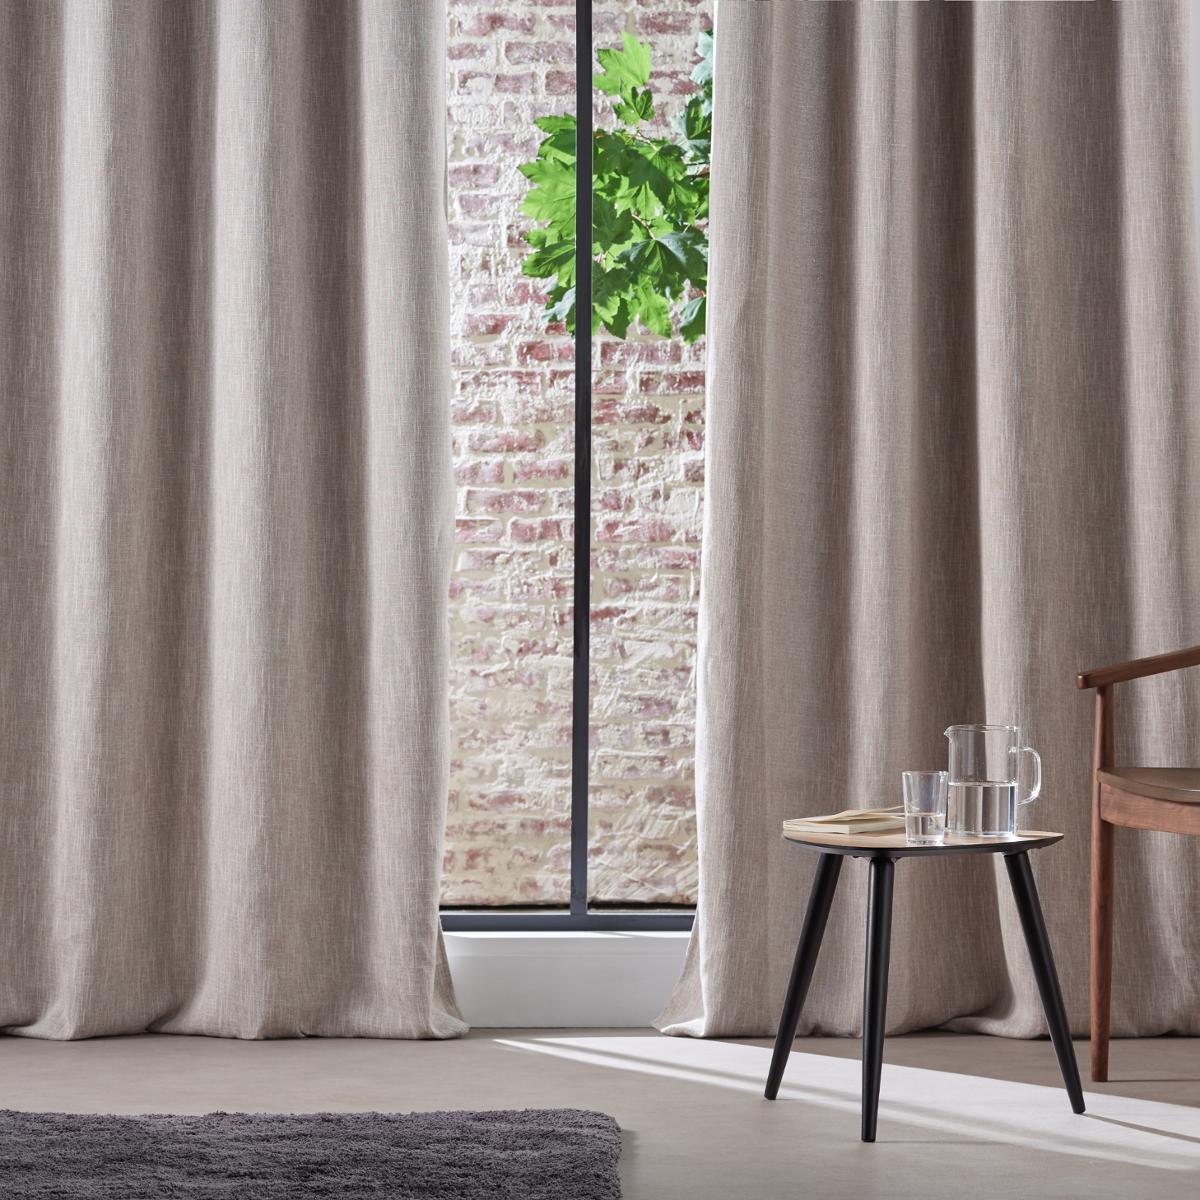 rideau occultant chin lin gris fonc gris clair bordeaux homemaison vente en. Black Bedroom Furniture Sets. Home Design Ideas